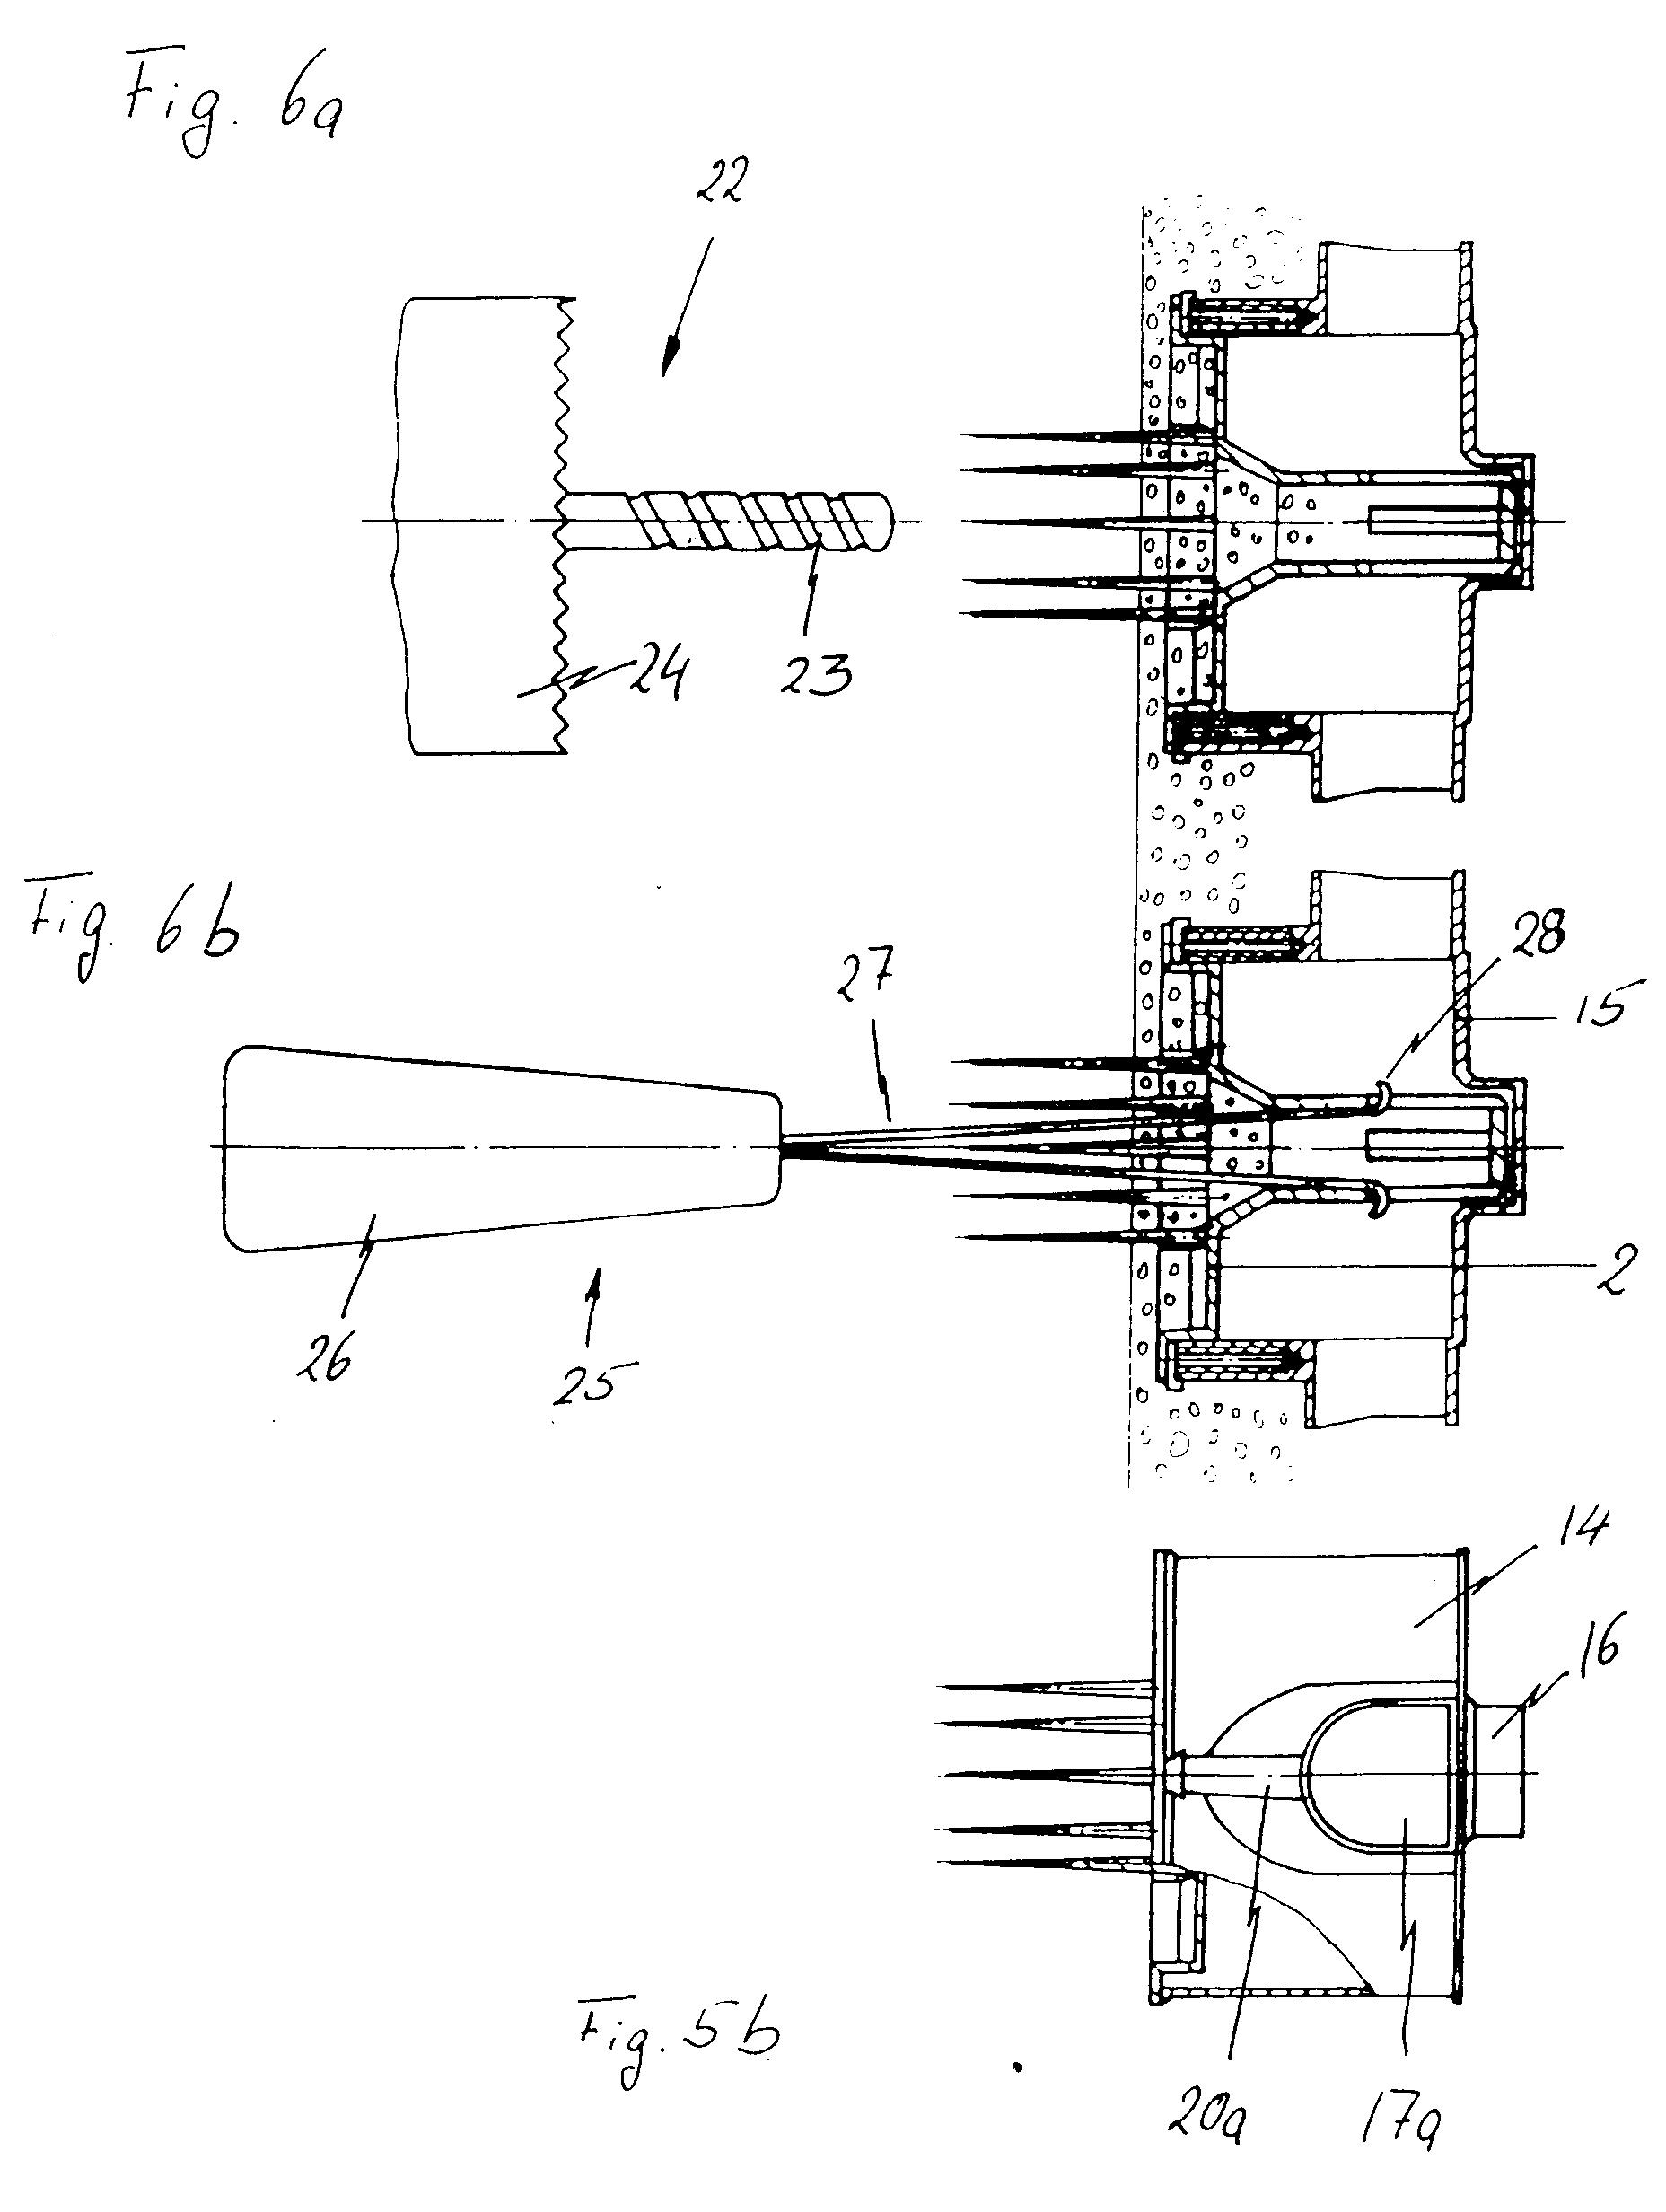 Super Unterputzdose mit Verschlussdeckel und Verfahren zur Installation VT41